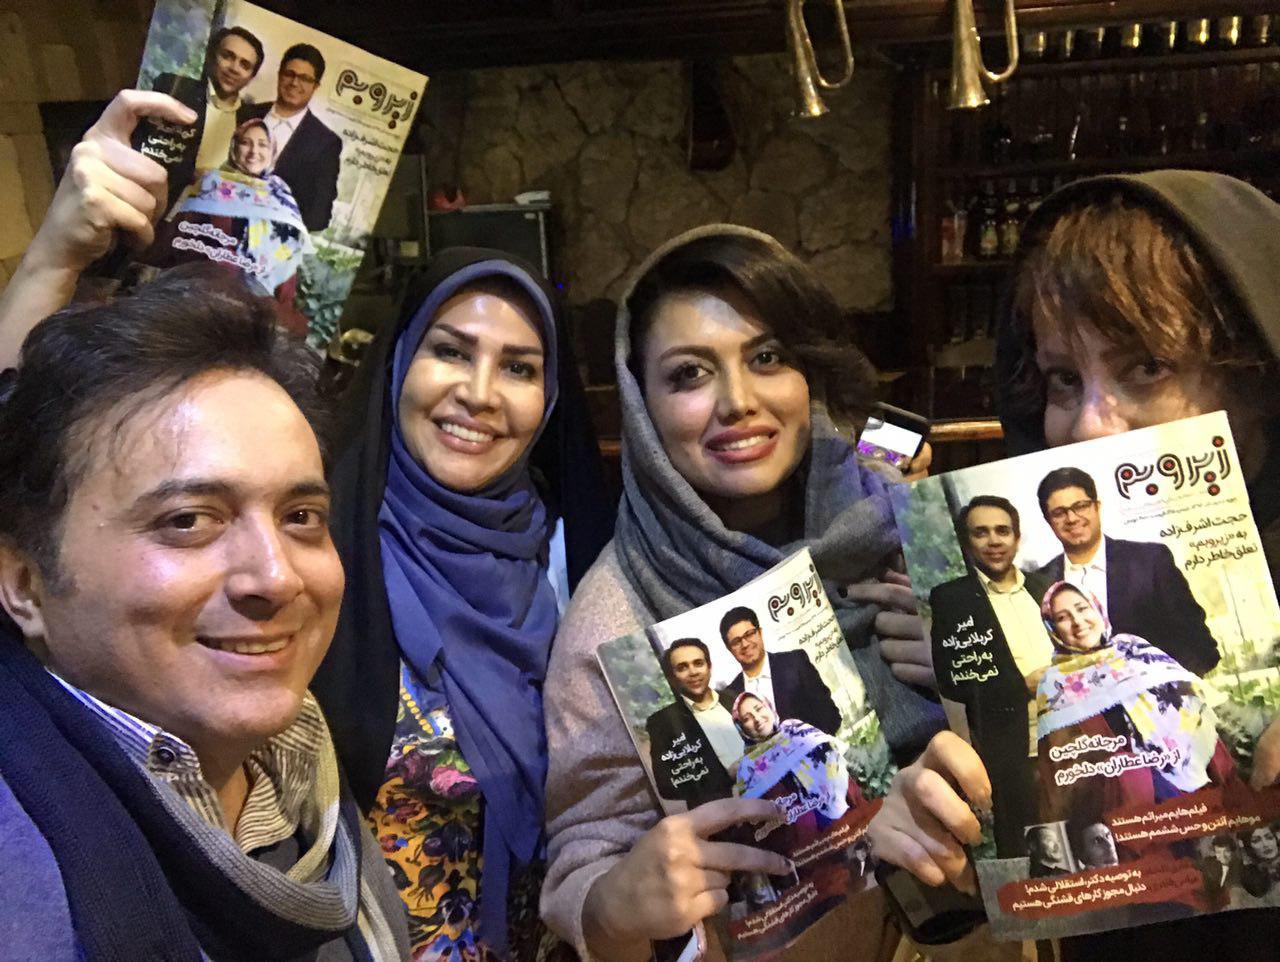 مجید اخشابی و جمعی از هنرمندان در رستوران ایتالیایی اپرا